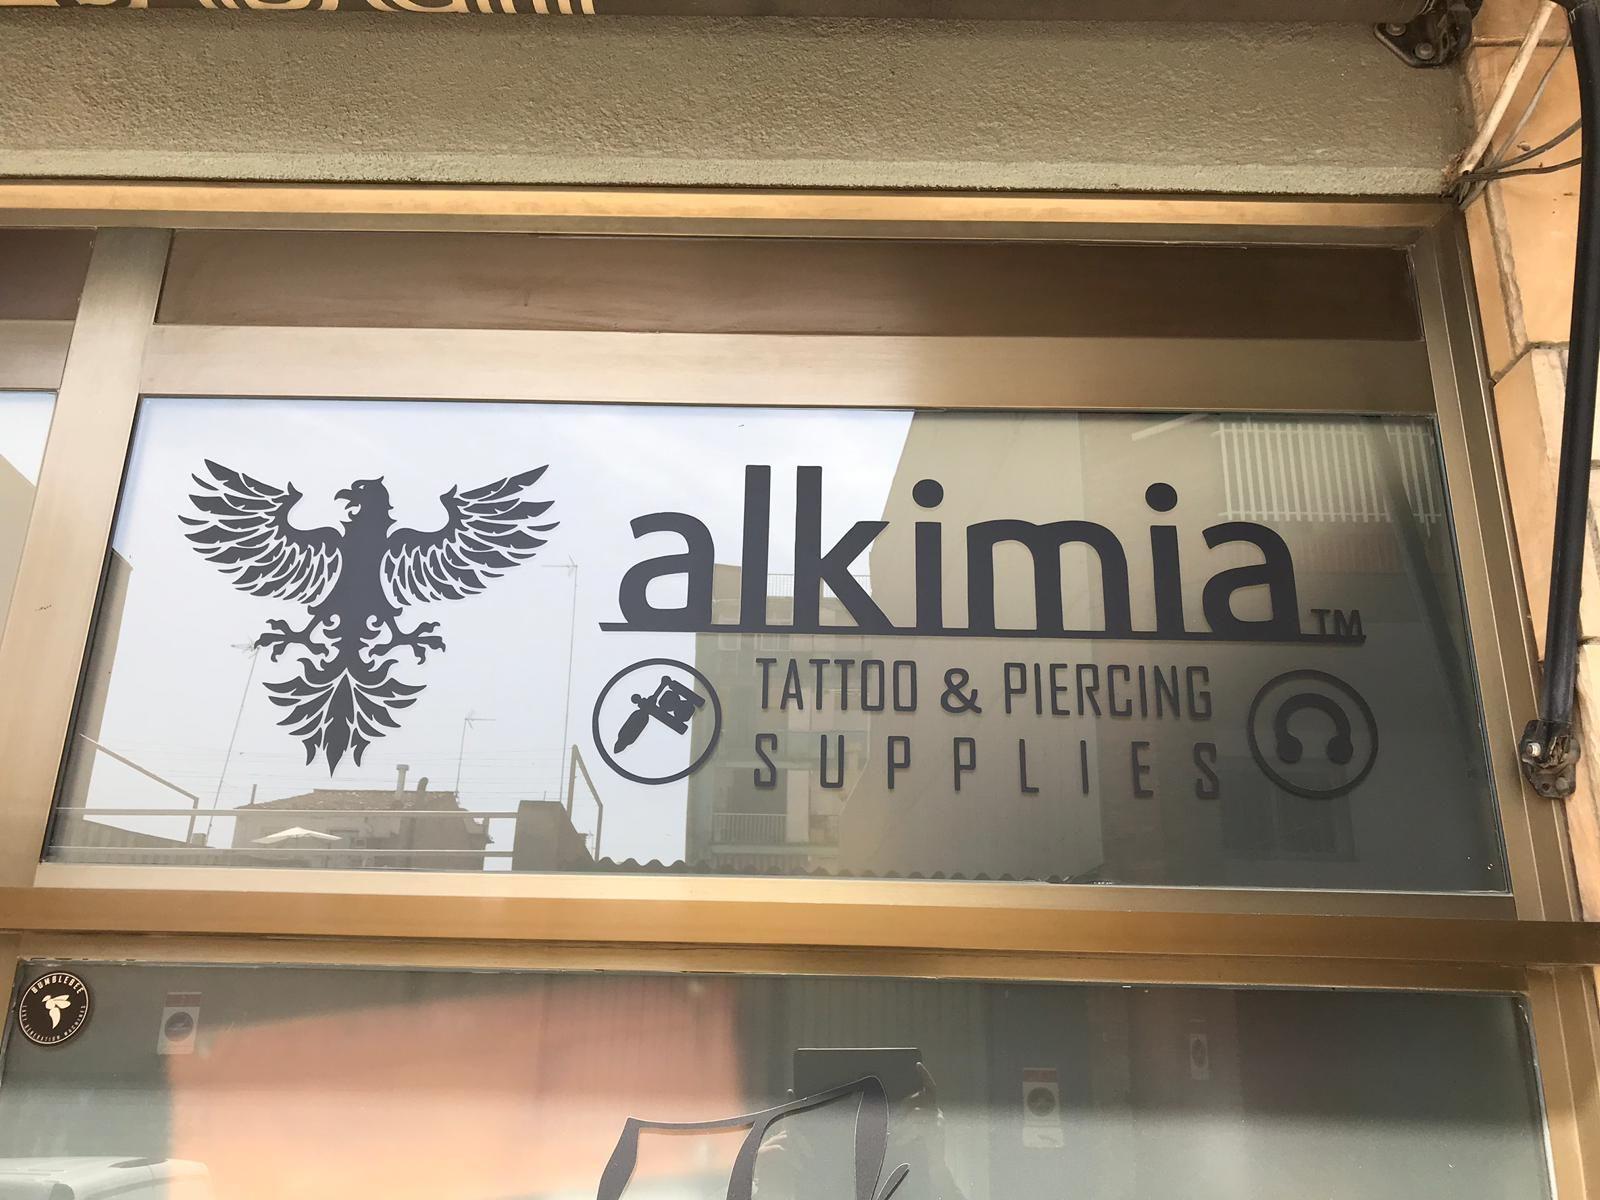 Venta de productos Alkimia para profesionales